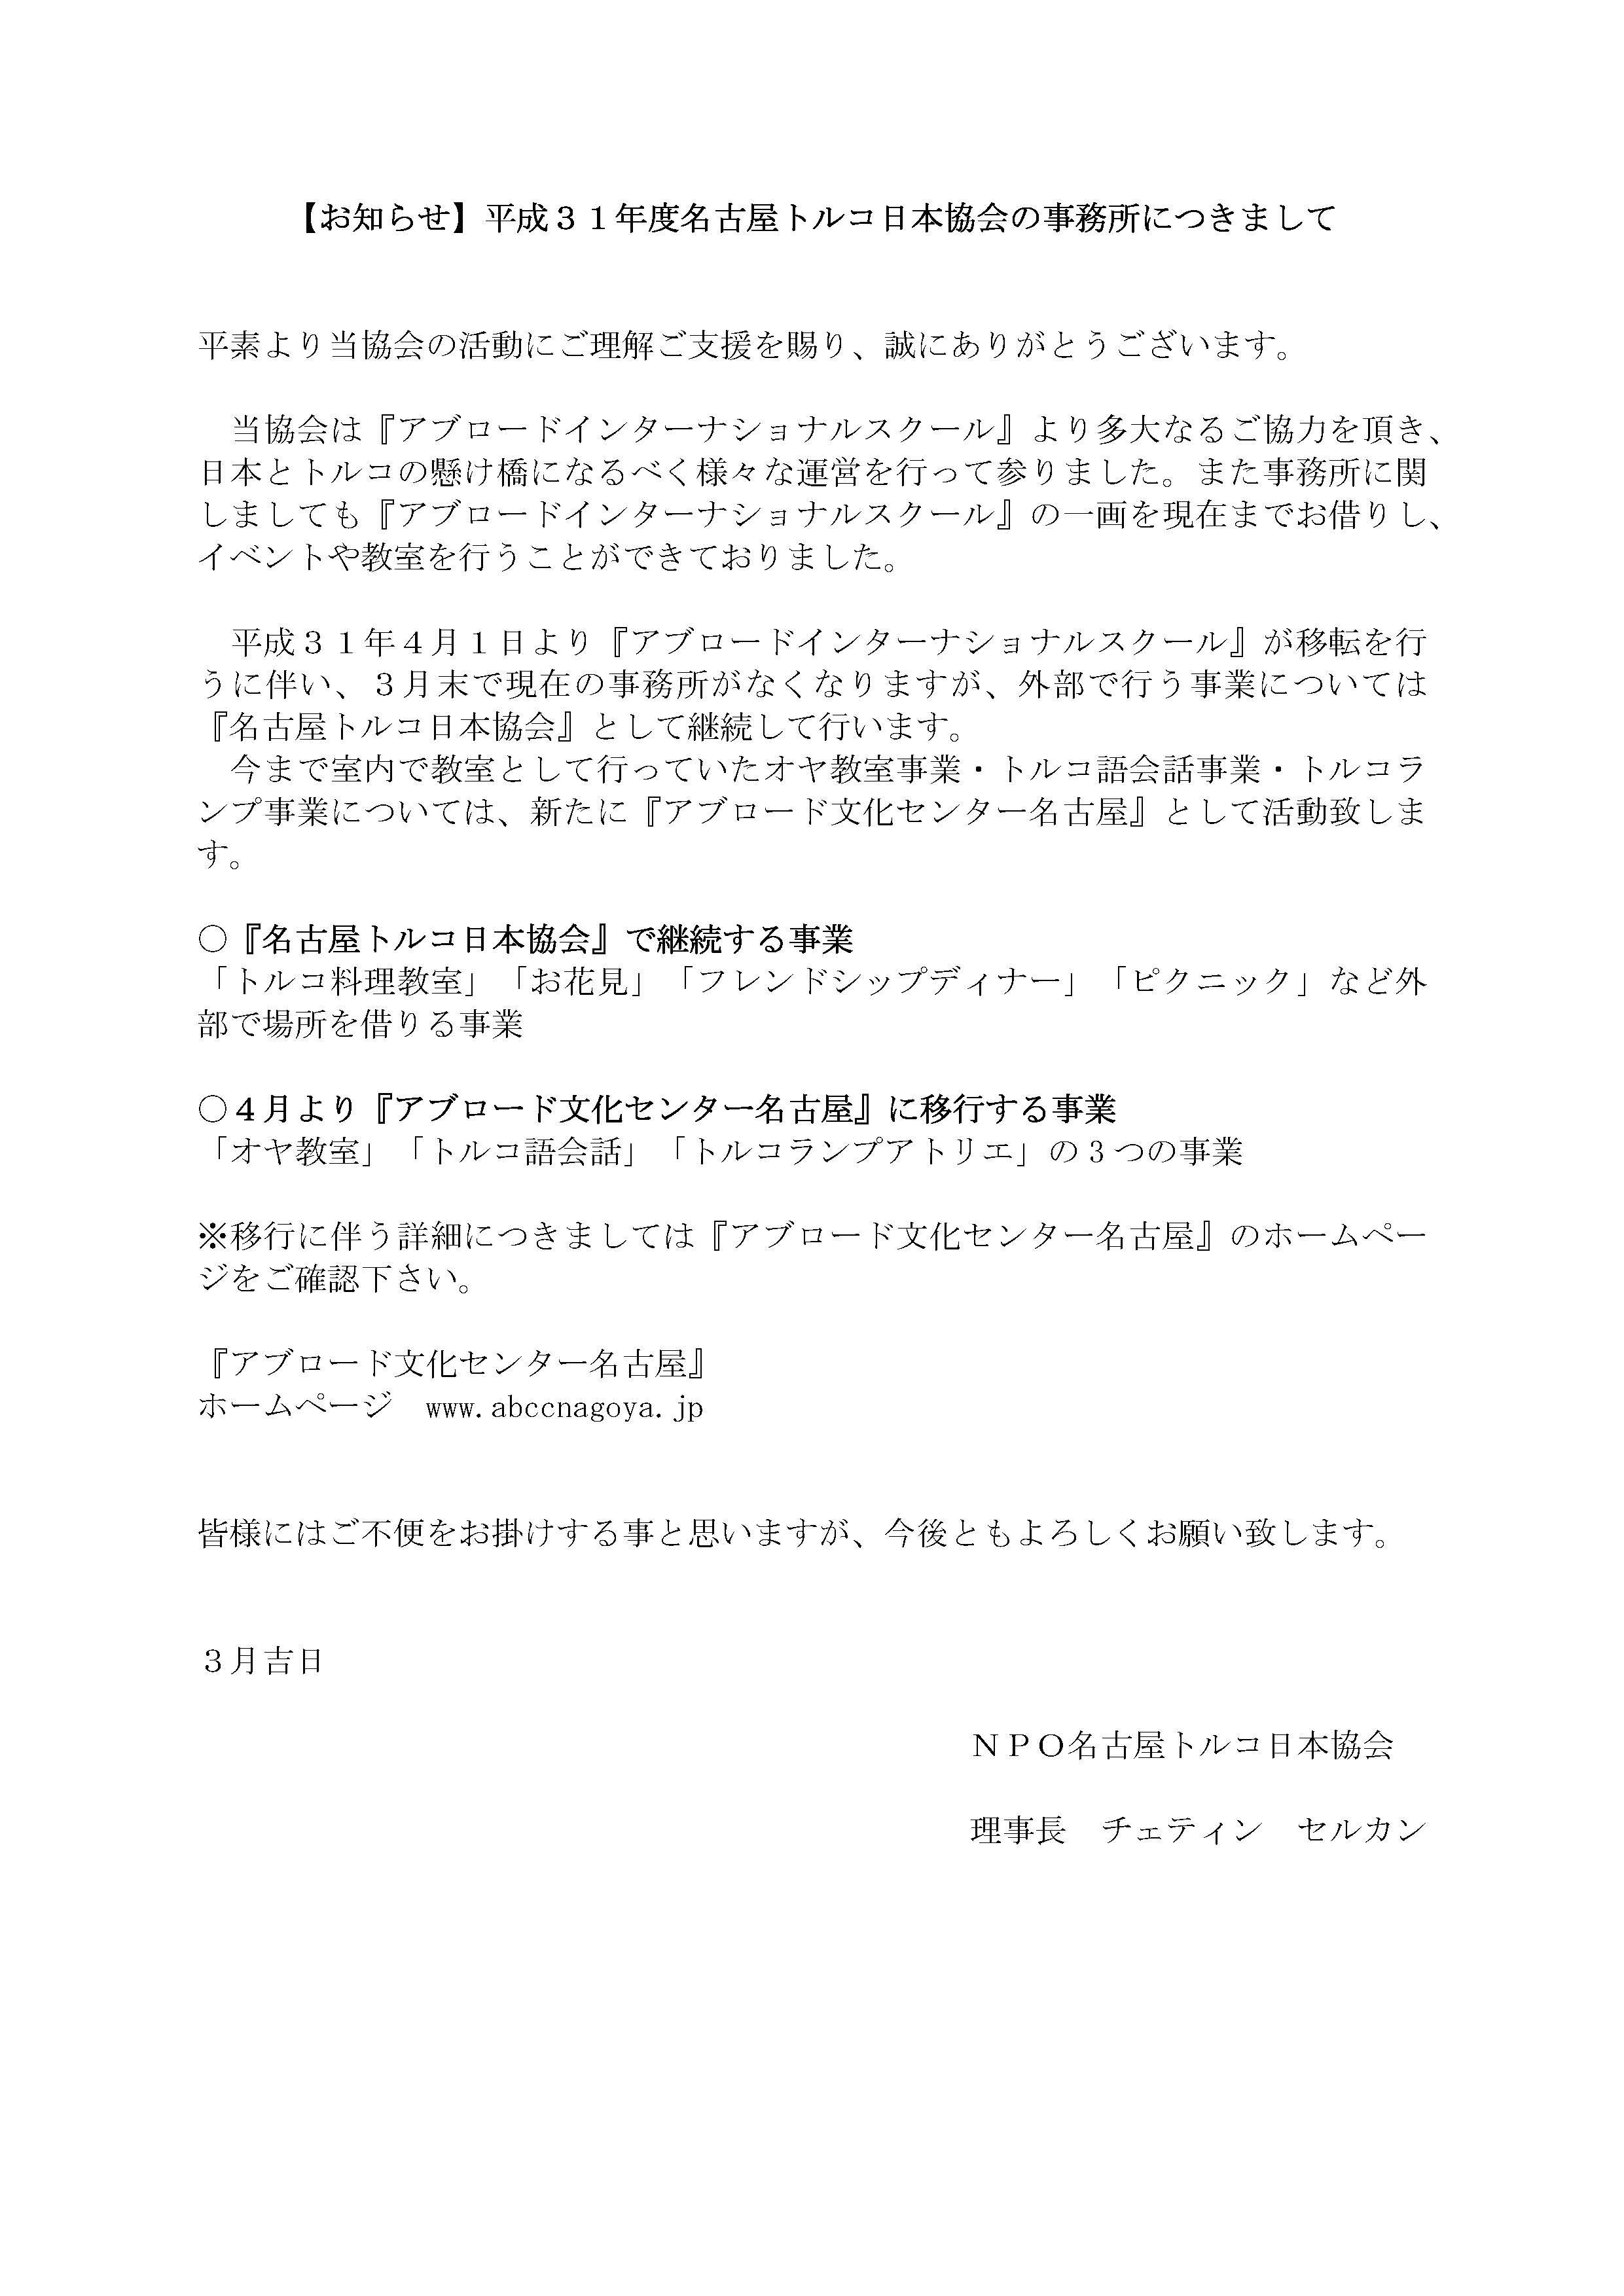 平成31年度名古屋トルコ日本協会の事務所につきまして